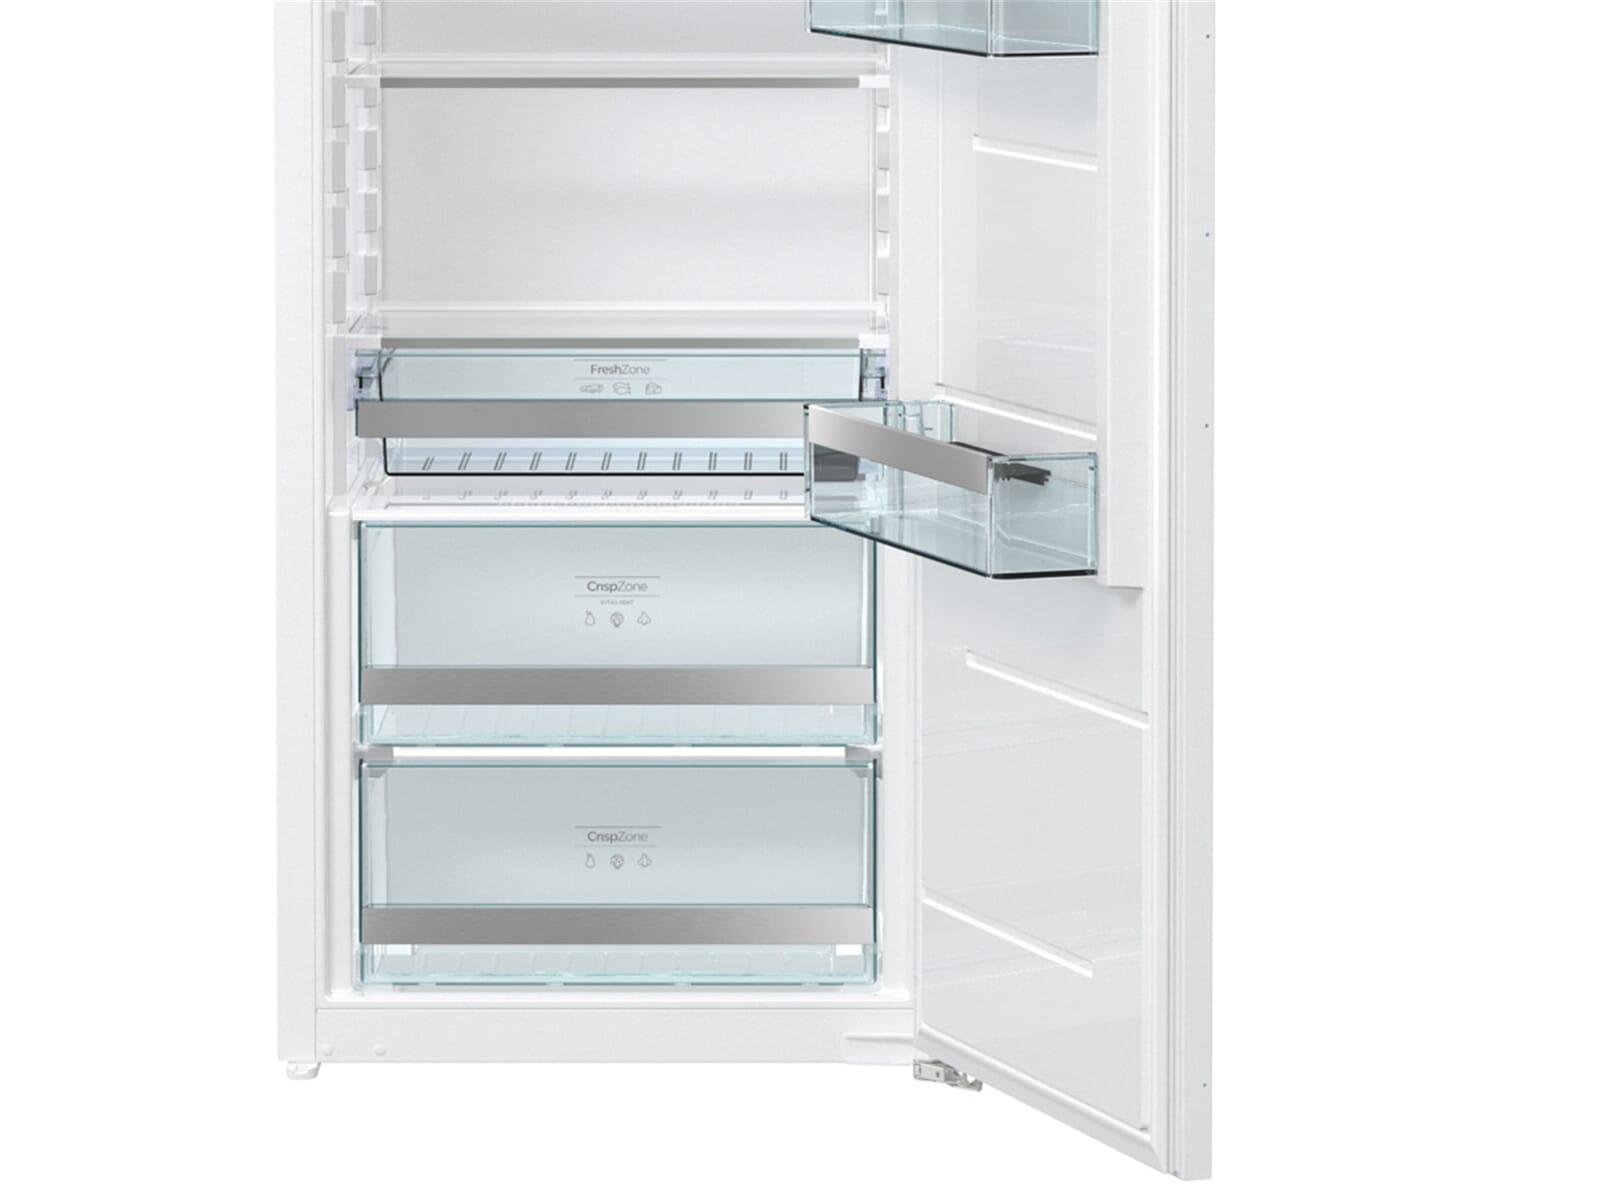 Gorenje Kühlschrank Einbau : Gorenje rbi a einbaukühlschrank mit gefrierfach